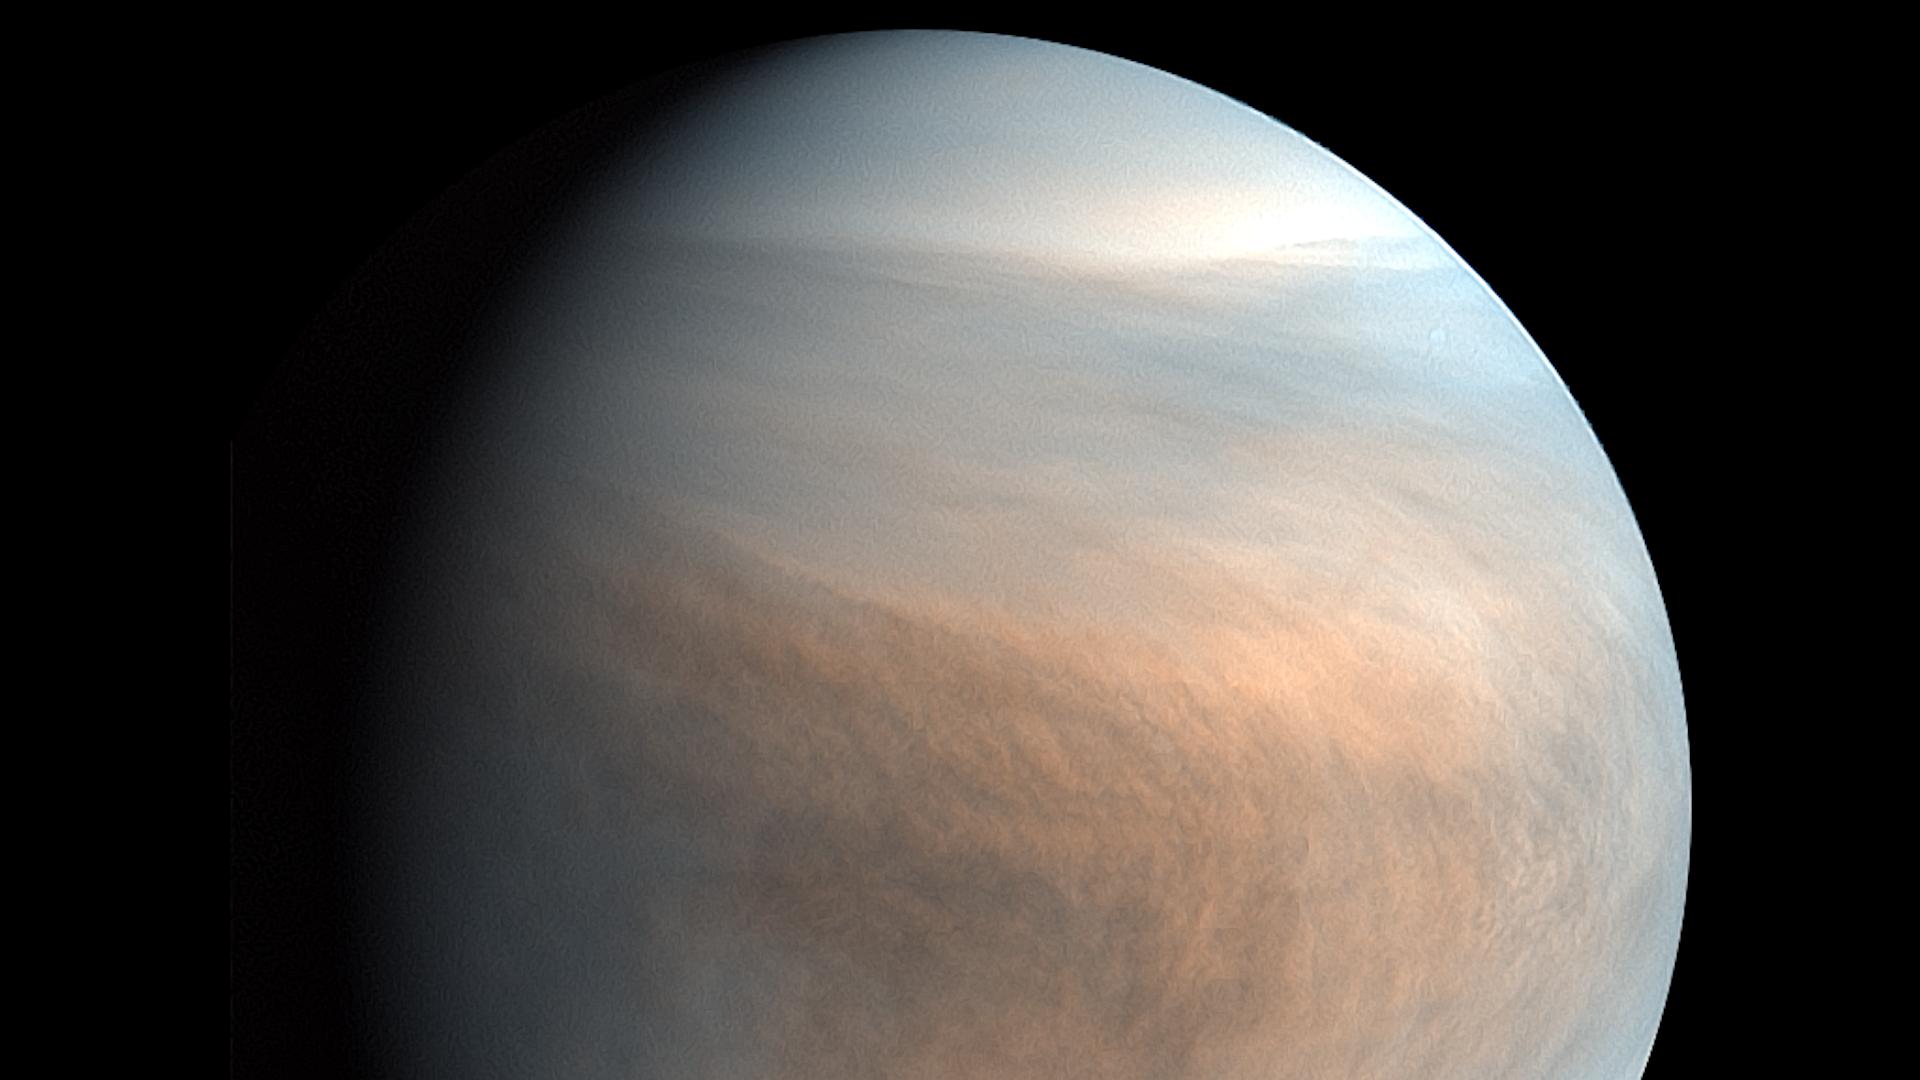 Descoberta de gás indica possibilidade de vida em vênus. A chave para a possível descoberta de vida em vênus pode estar nas moléculas de fosfina encontradas em sua atmosfera